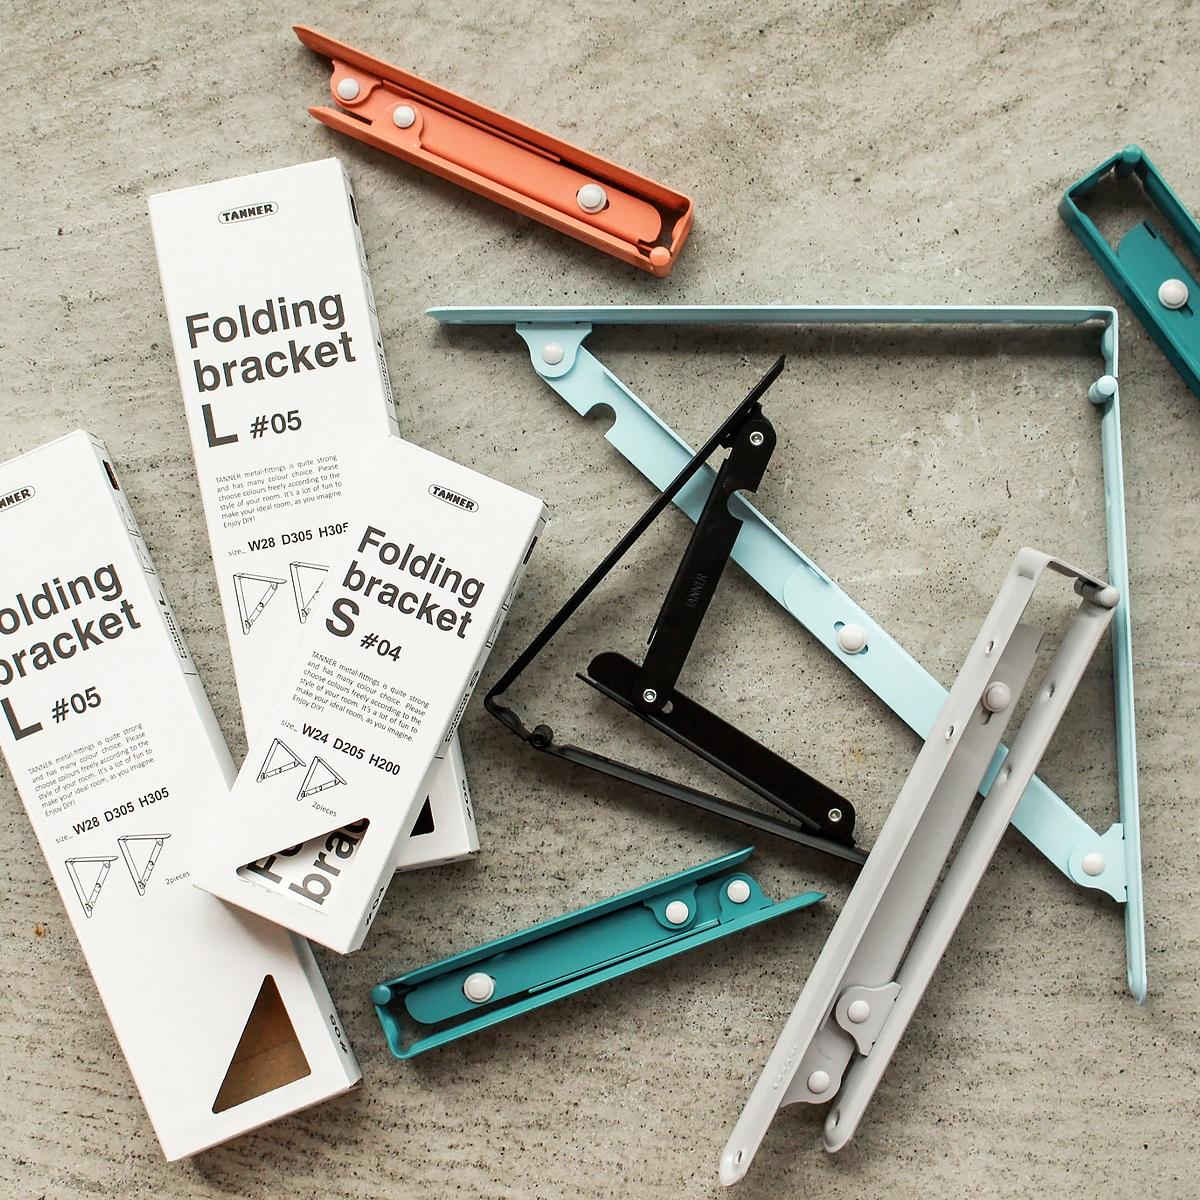 折りたたみ式アイアン棚受け L グリーン 1組(2本入) TANNER Folding bracket